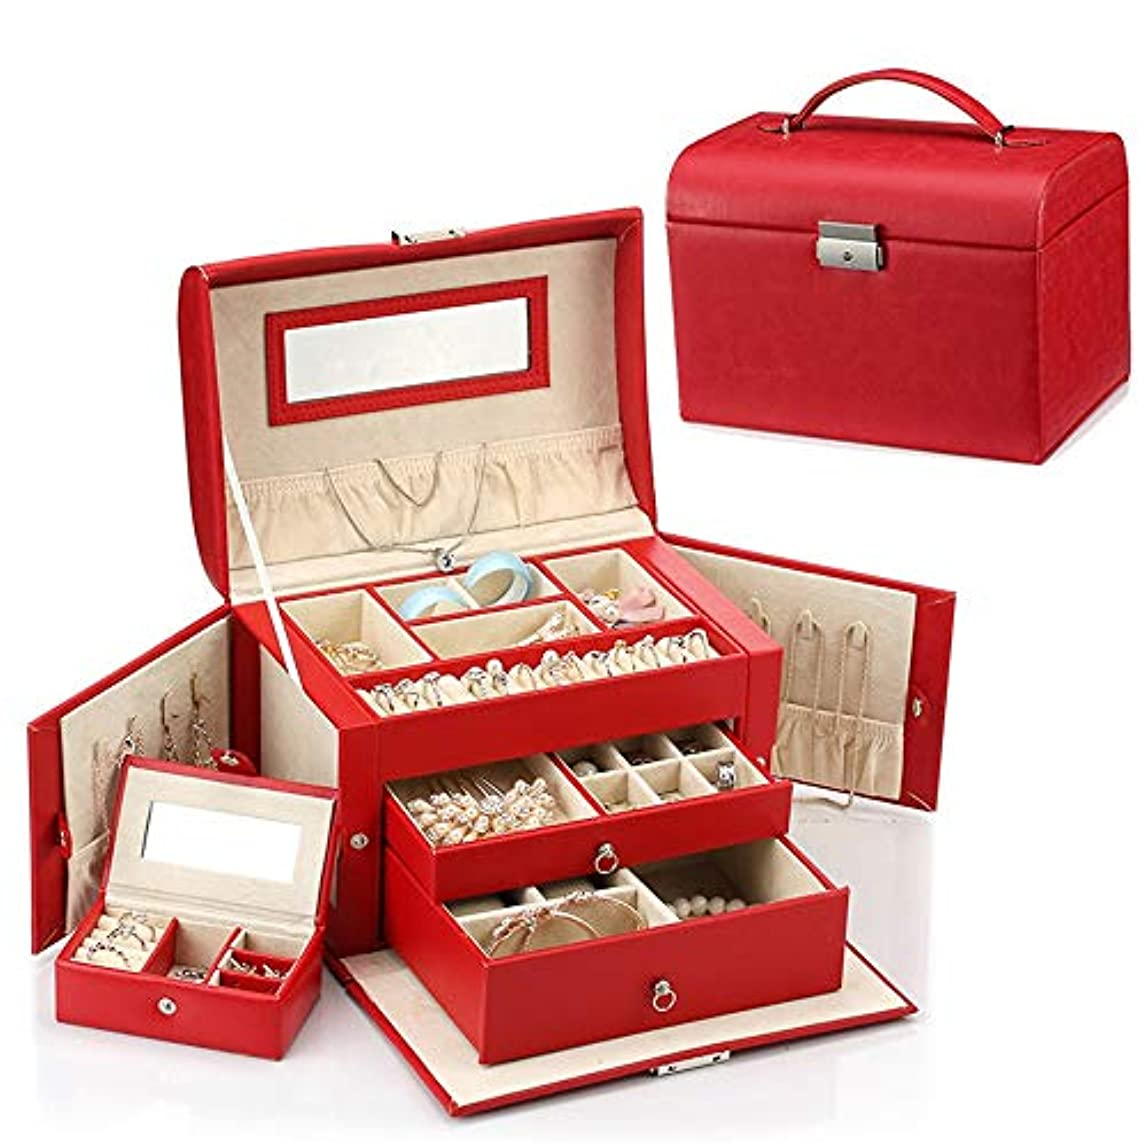 回路動的降伏特大スペース収納ビューティーボックス ジュエリーボックス、イミテーションレザーミディアムジュエリー収納ボックス、ポータブル、ロックレディレトロギフト - マルチカラーオプション 化粧品化粧台 (色 : 赤)